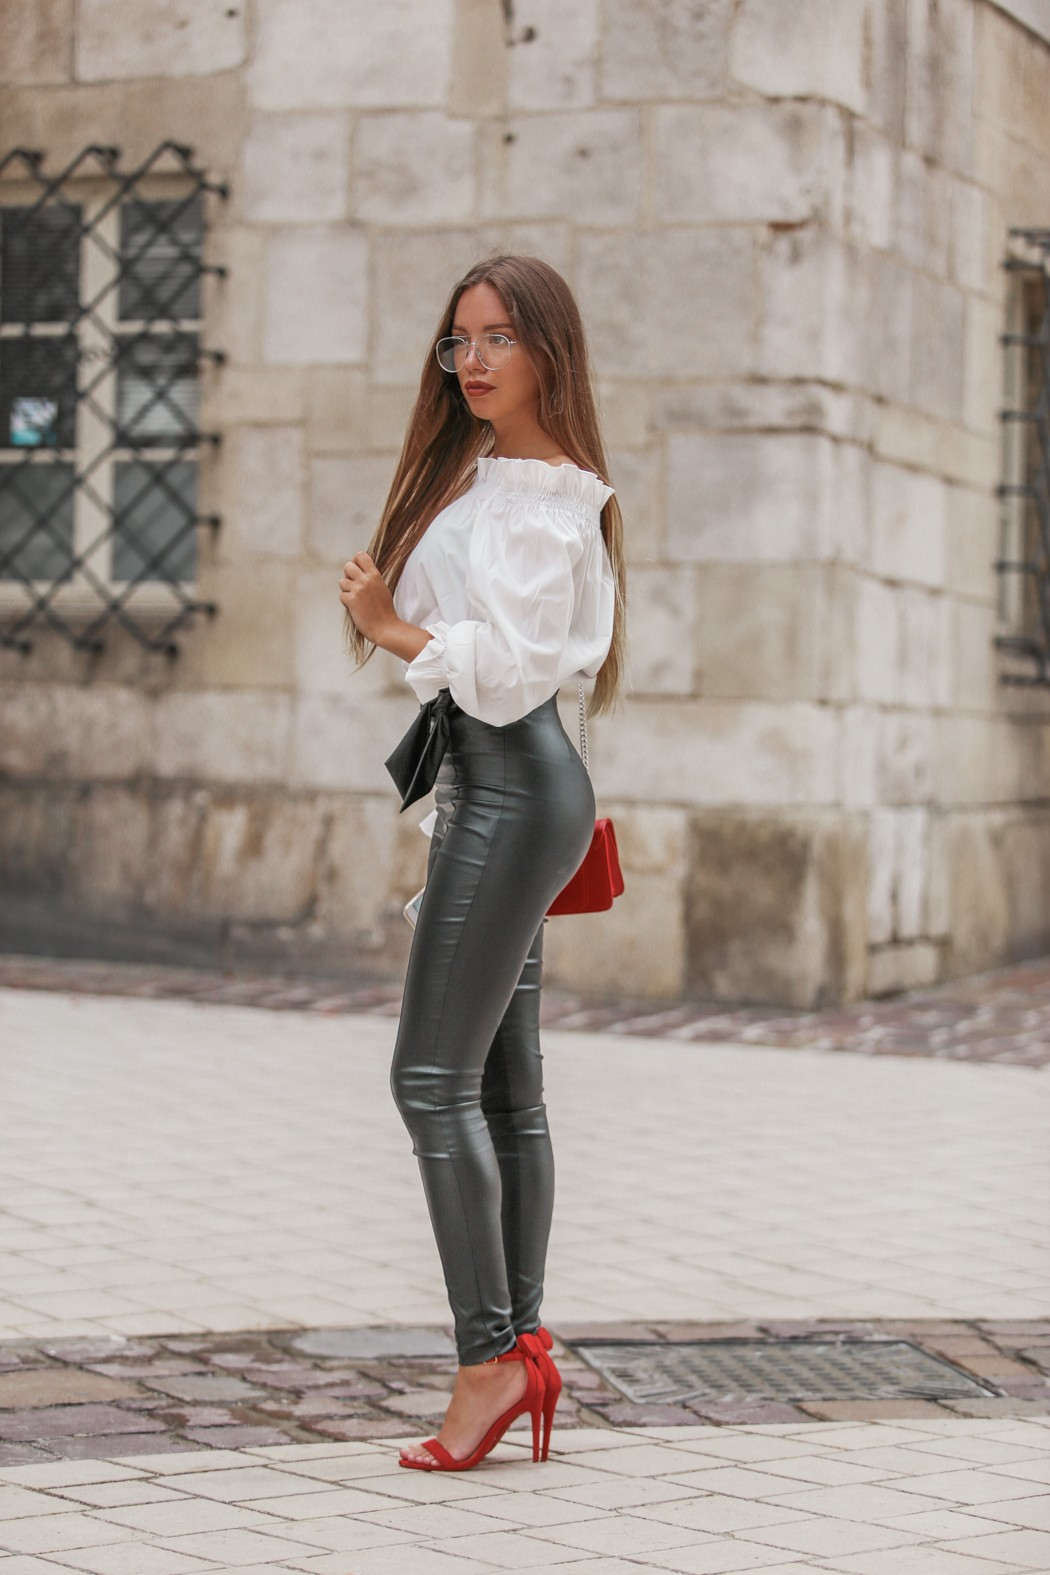 Woskowane spodnie - hit czy kit?